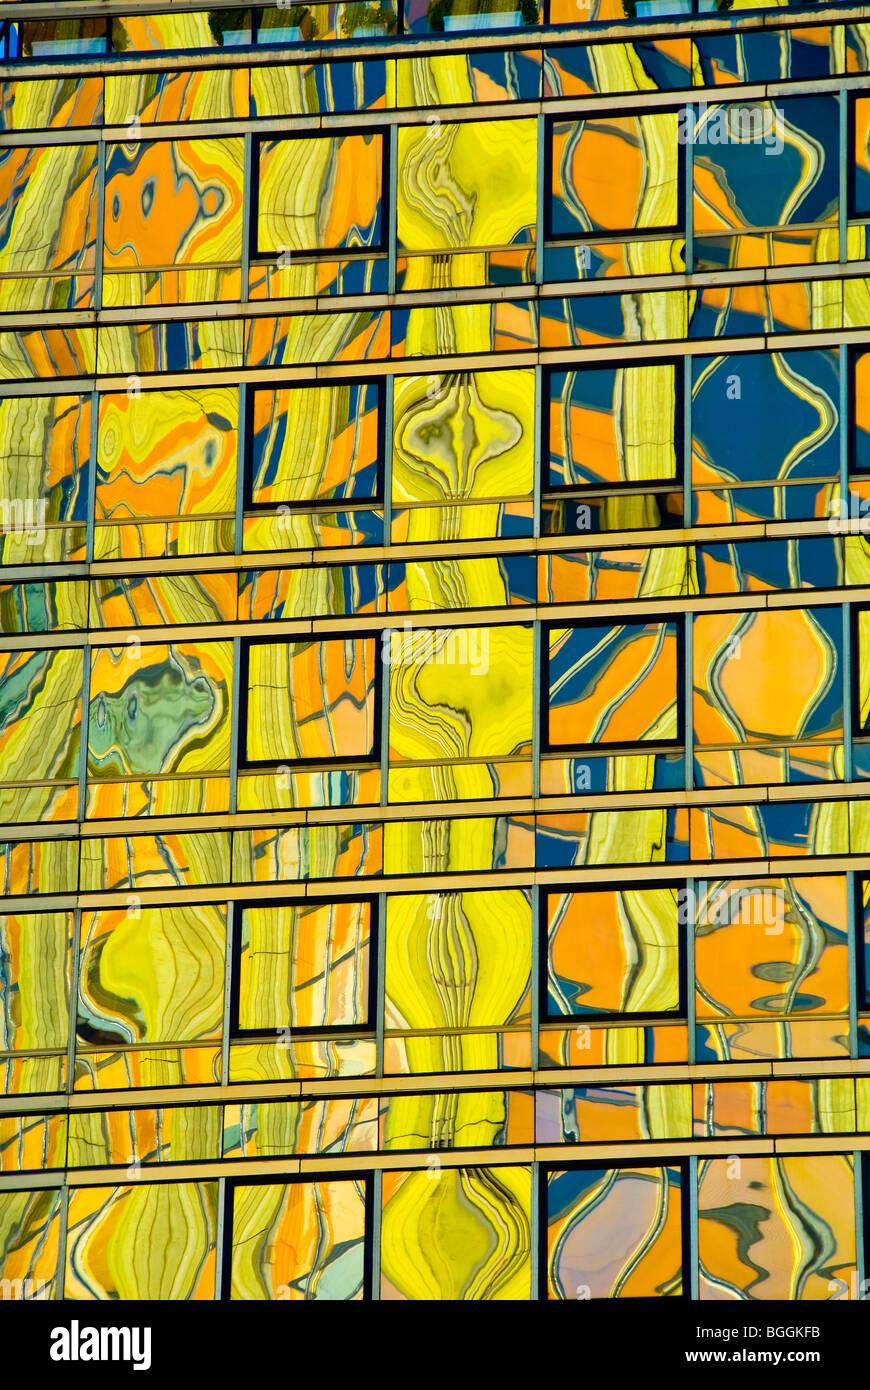 Colorido reflexões em superfície de vidro de um edifício alto em Buenos Aires, Argentina Imagens de Stock